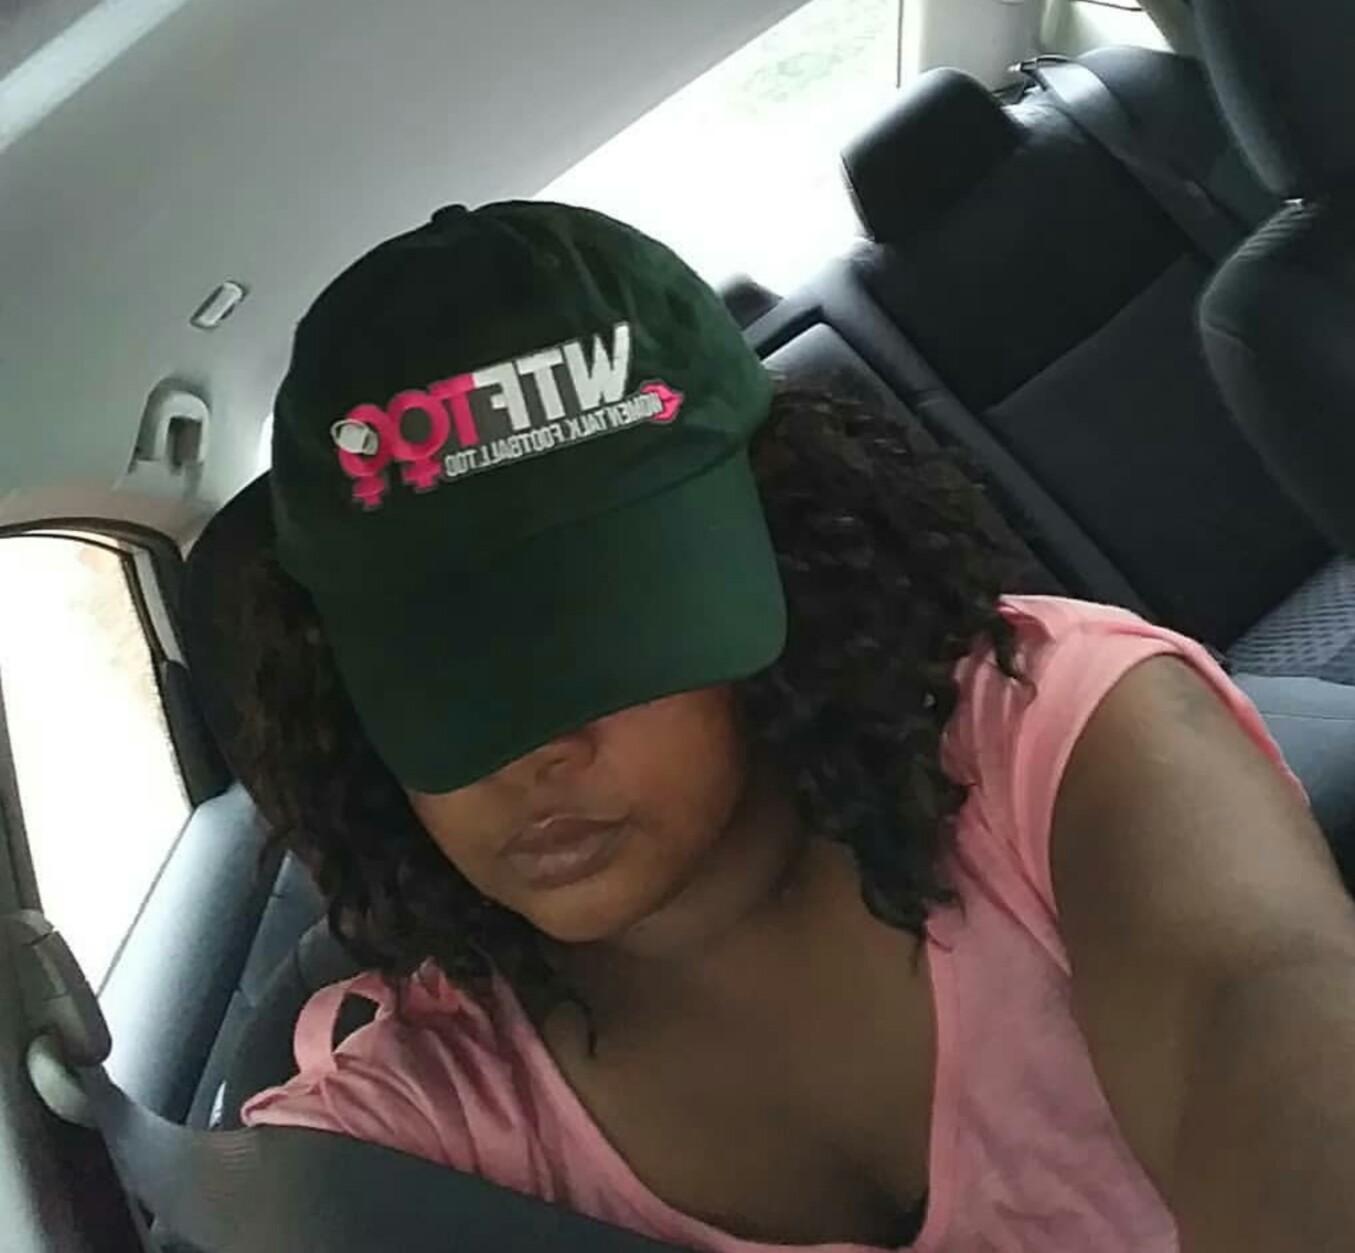 WTF Too Dark Green Cap, Florida